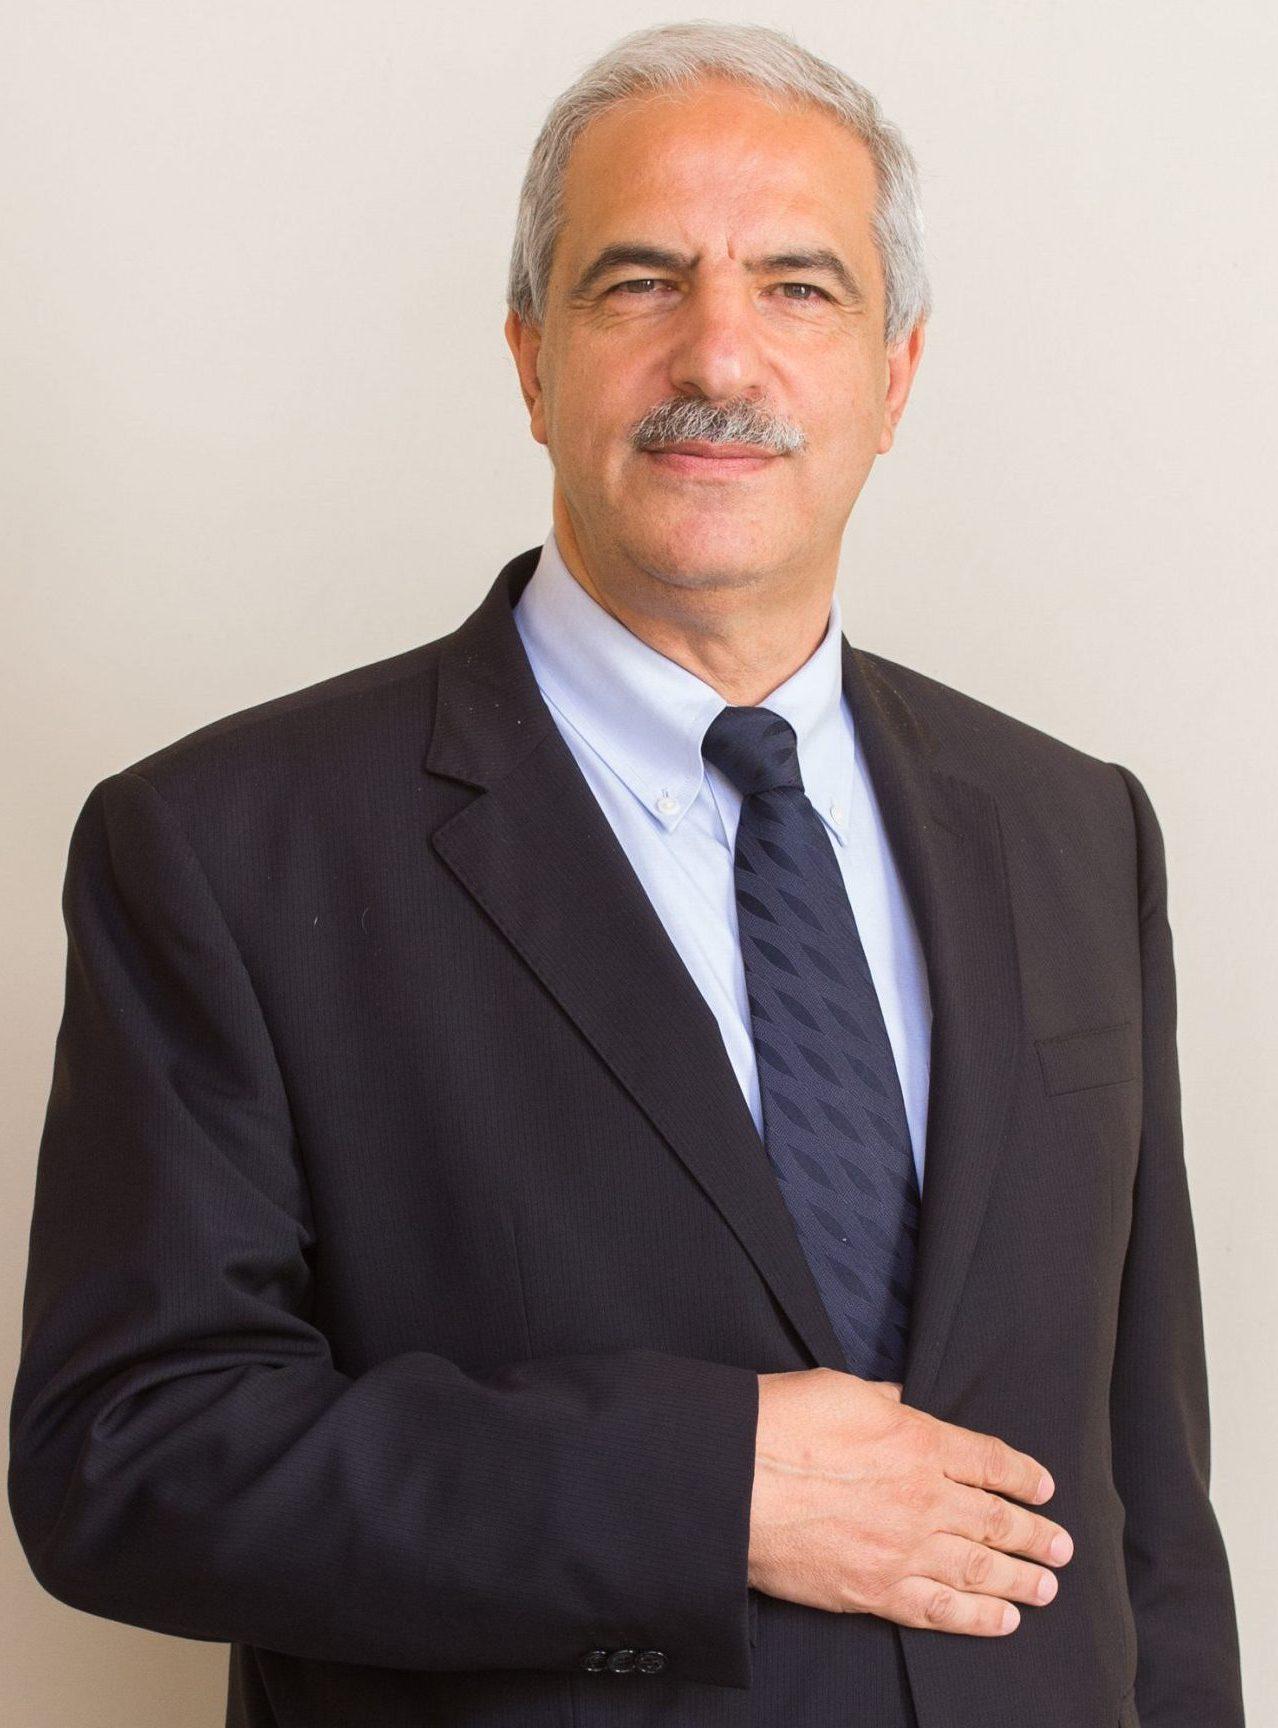 Giandomenico Genta confermato presidente della Fondazione CRC